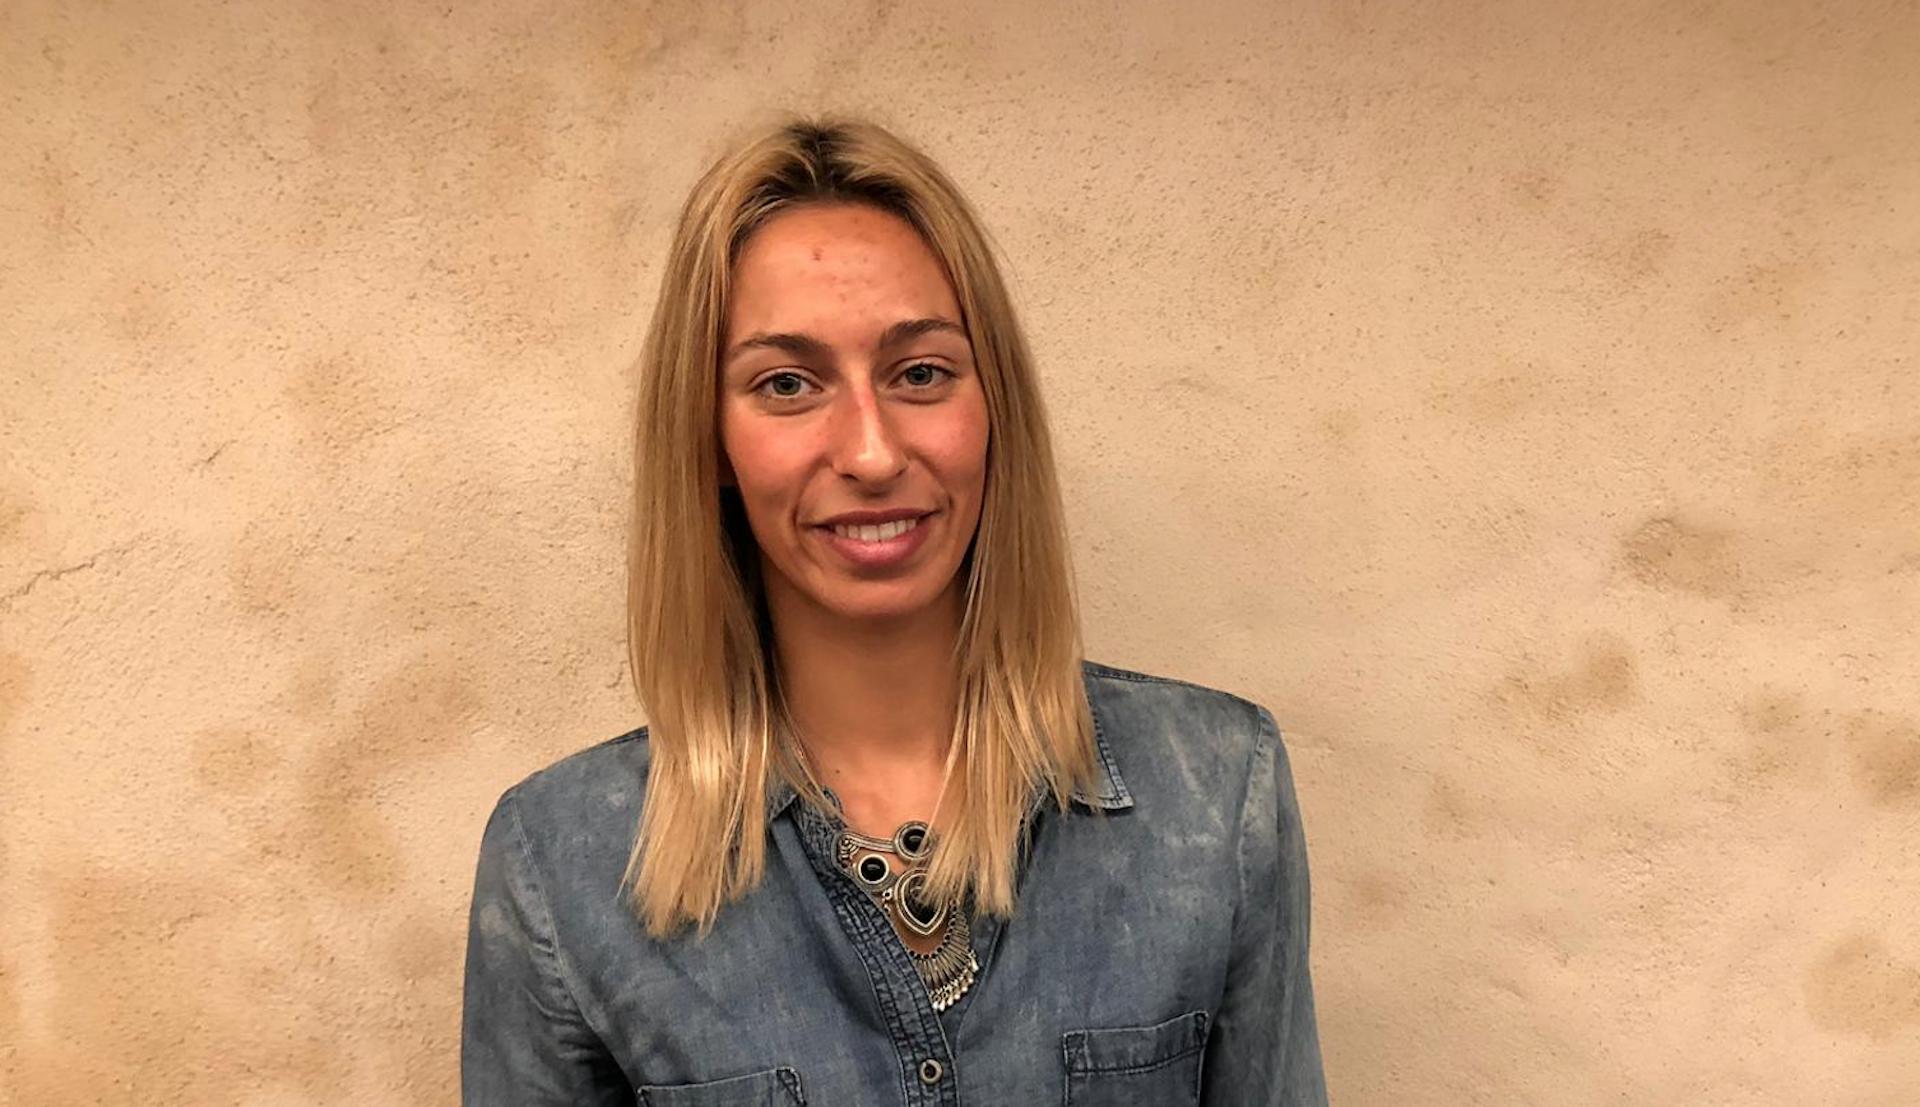 Fantine Lesaffre, le nouveau visage de la natation française